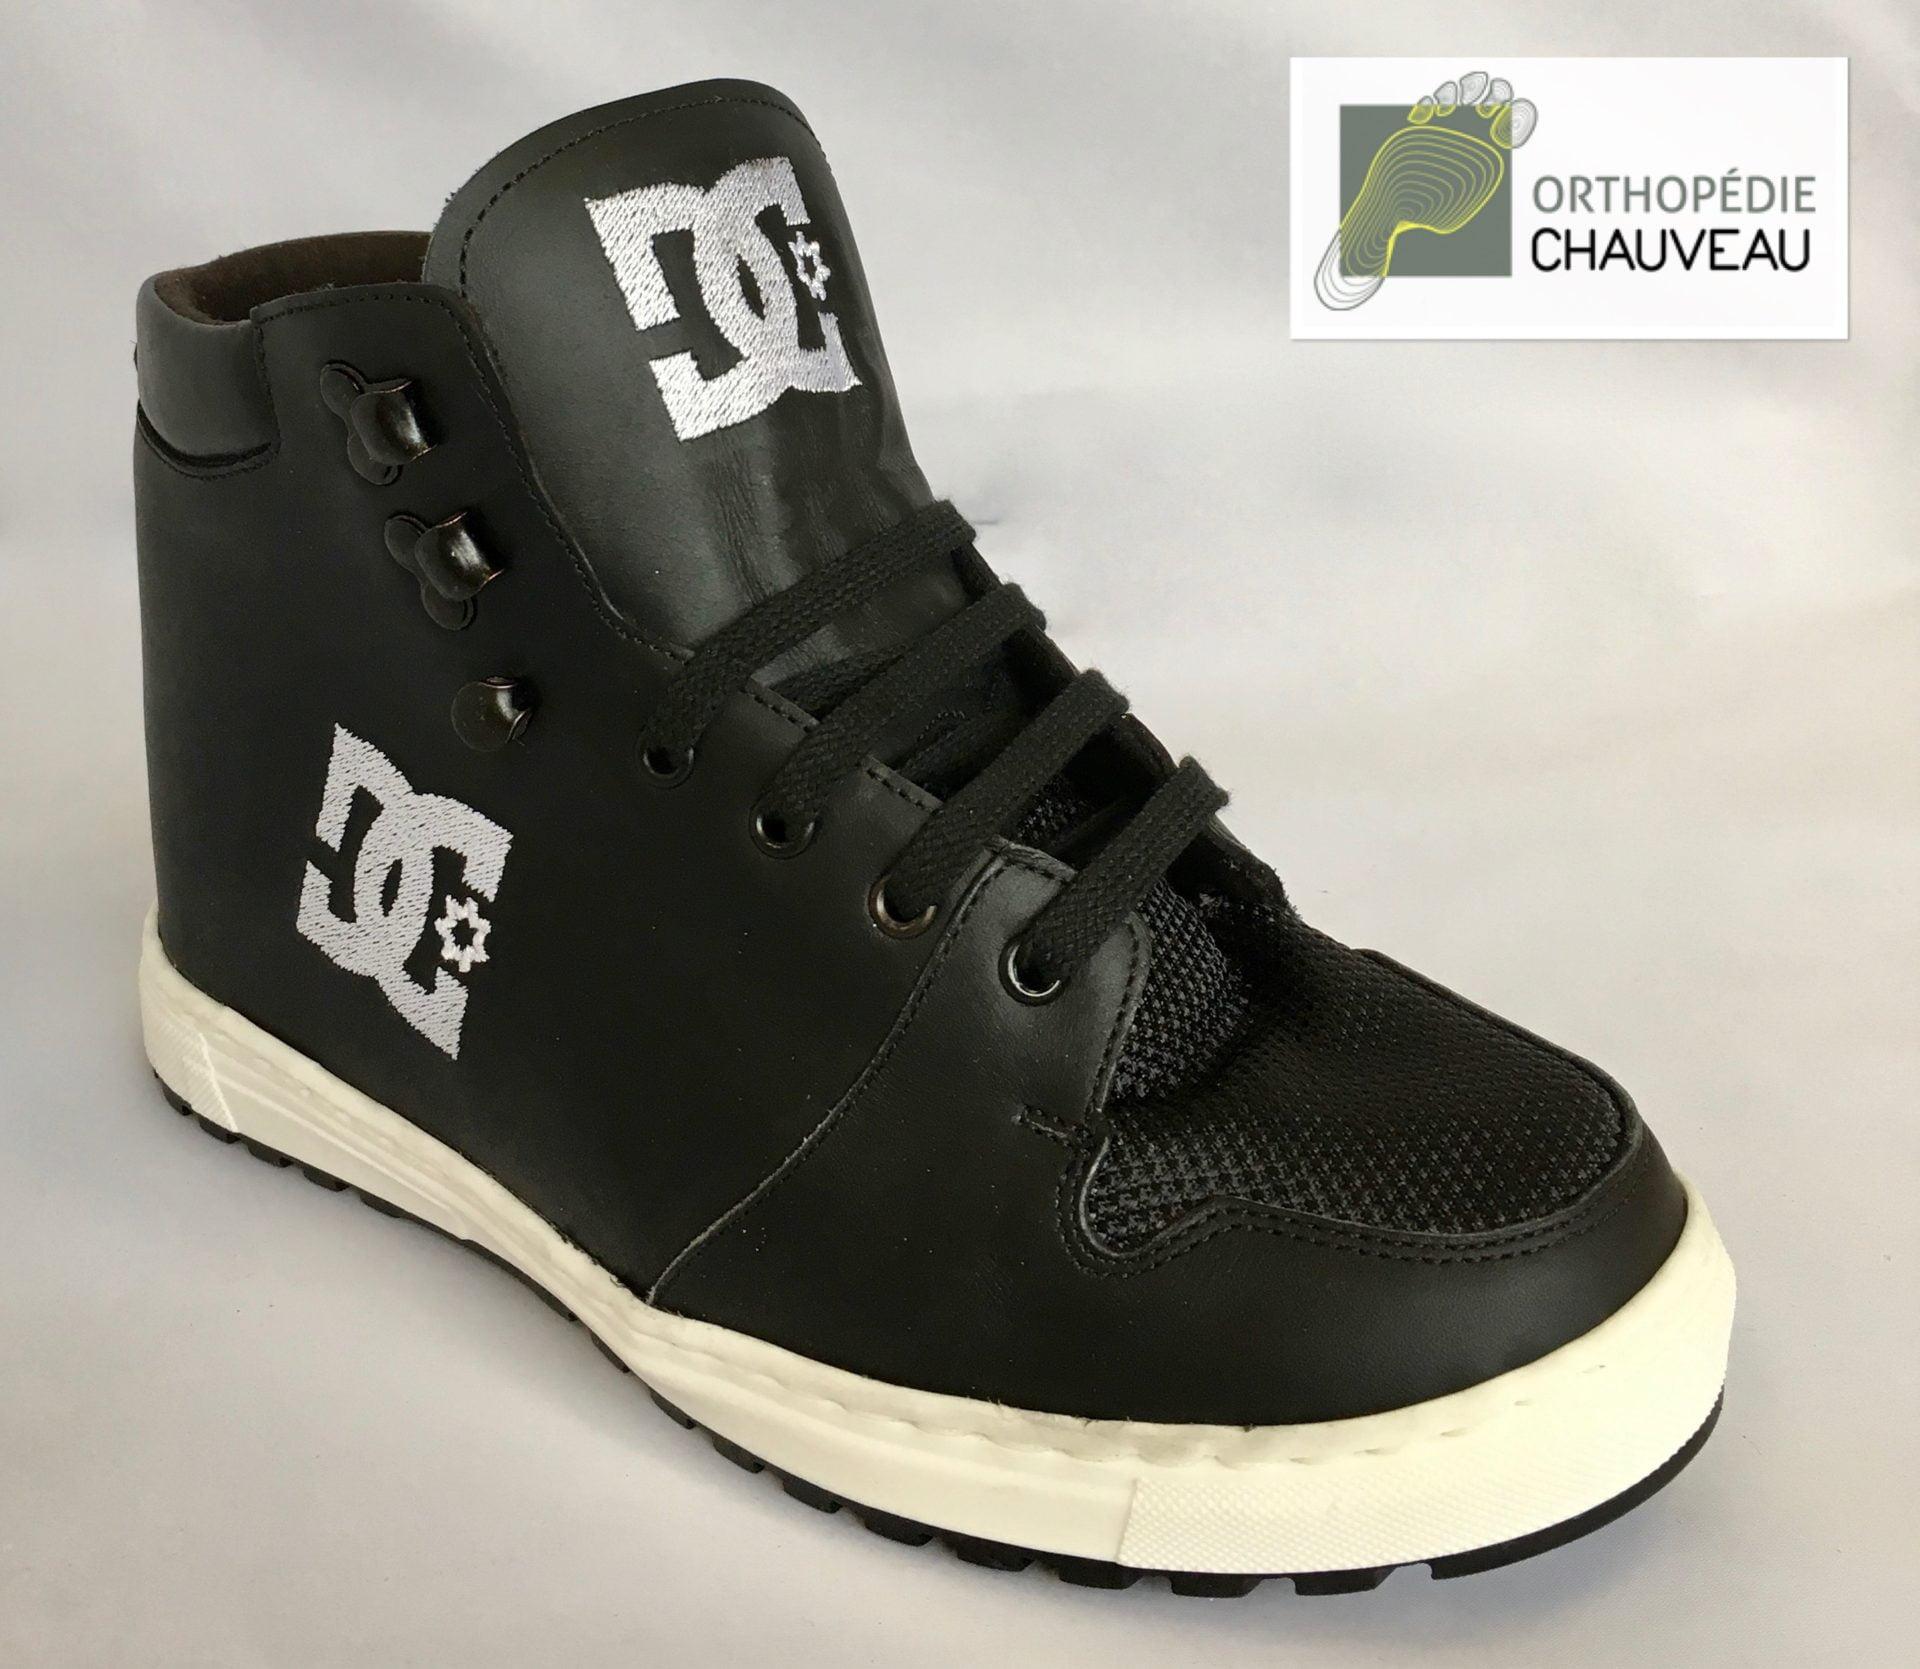 chaussures orthopédiques rennes DC shoes